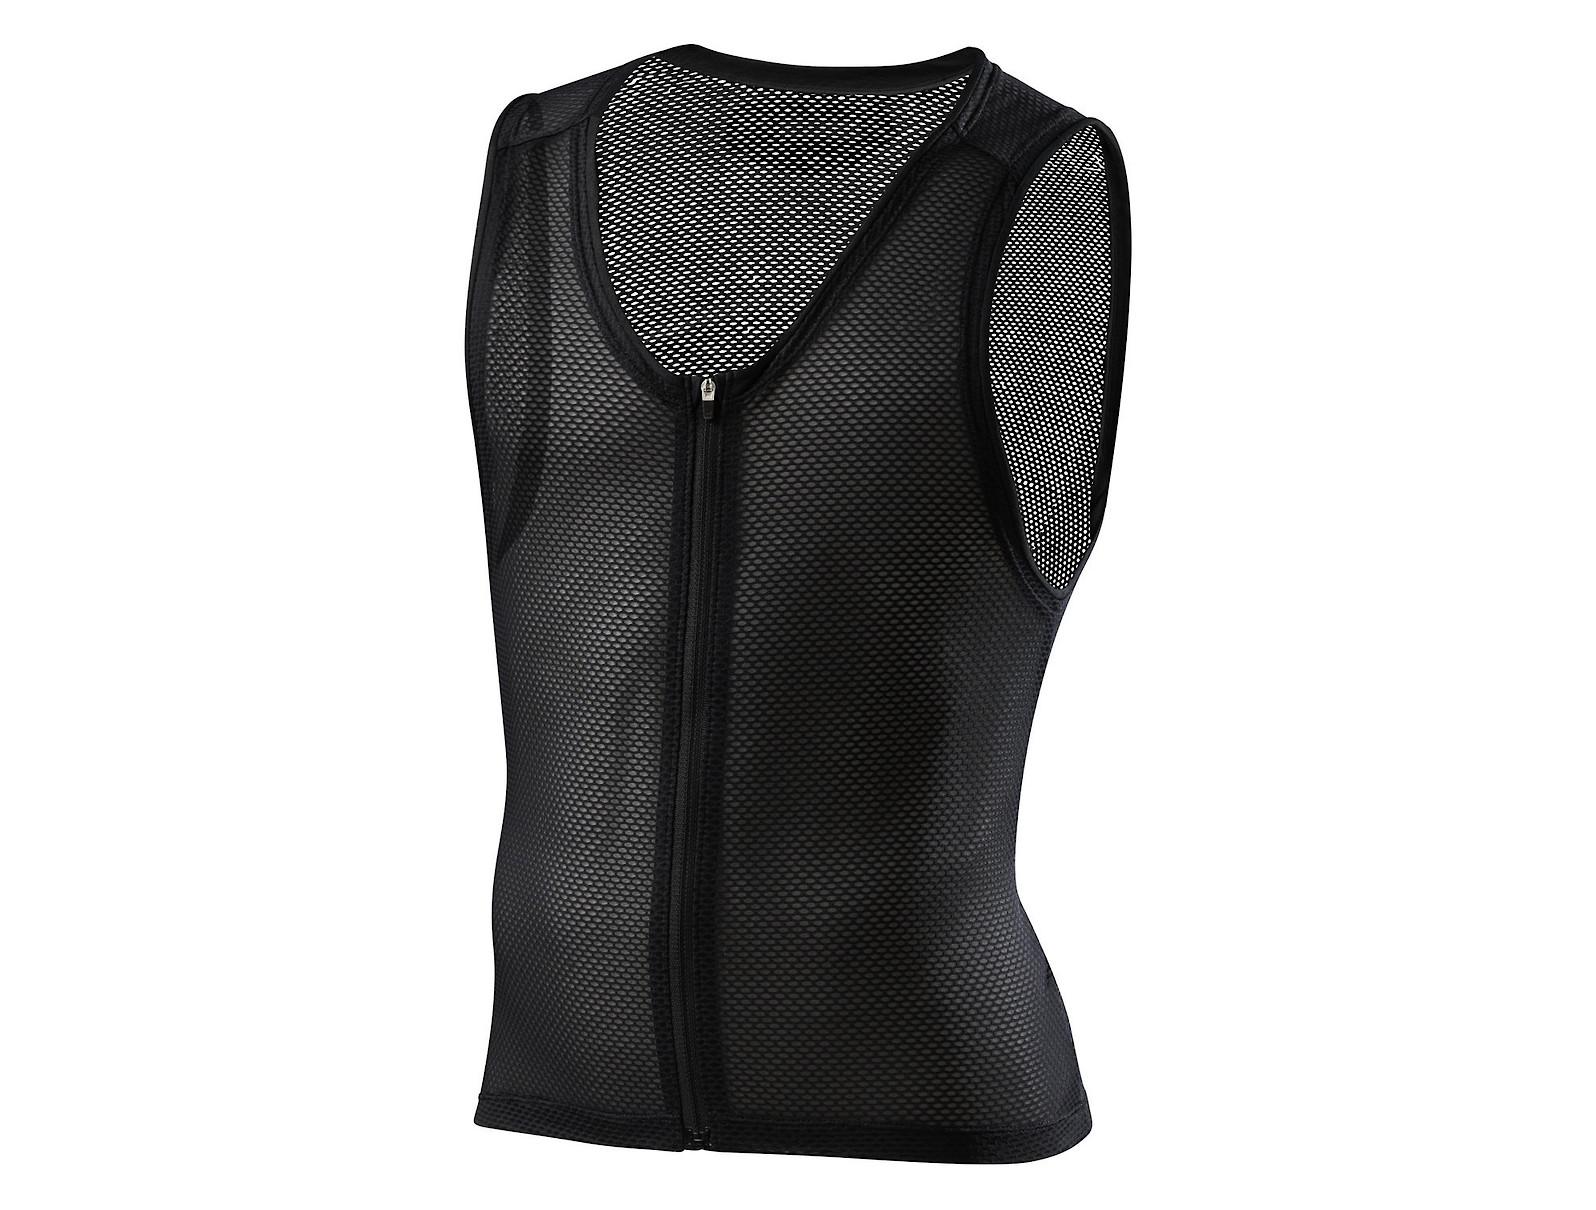 Men's Specialized SWAT Liner Vest